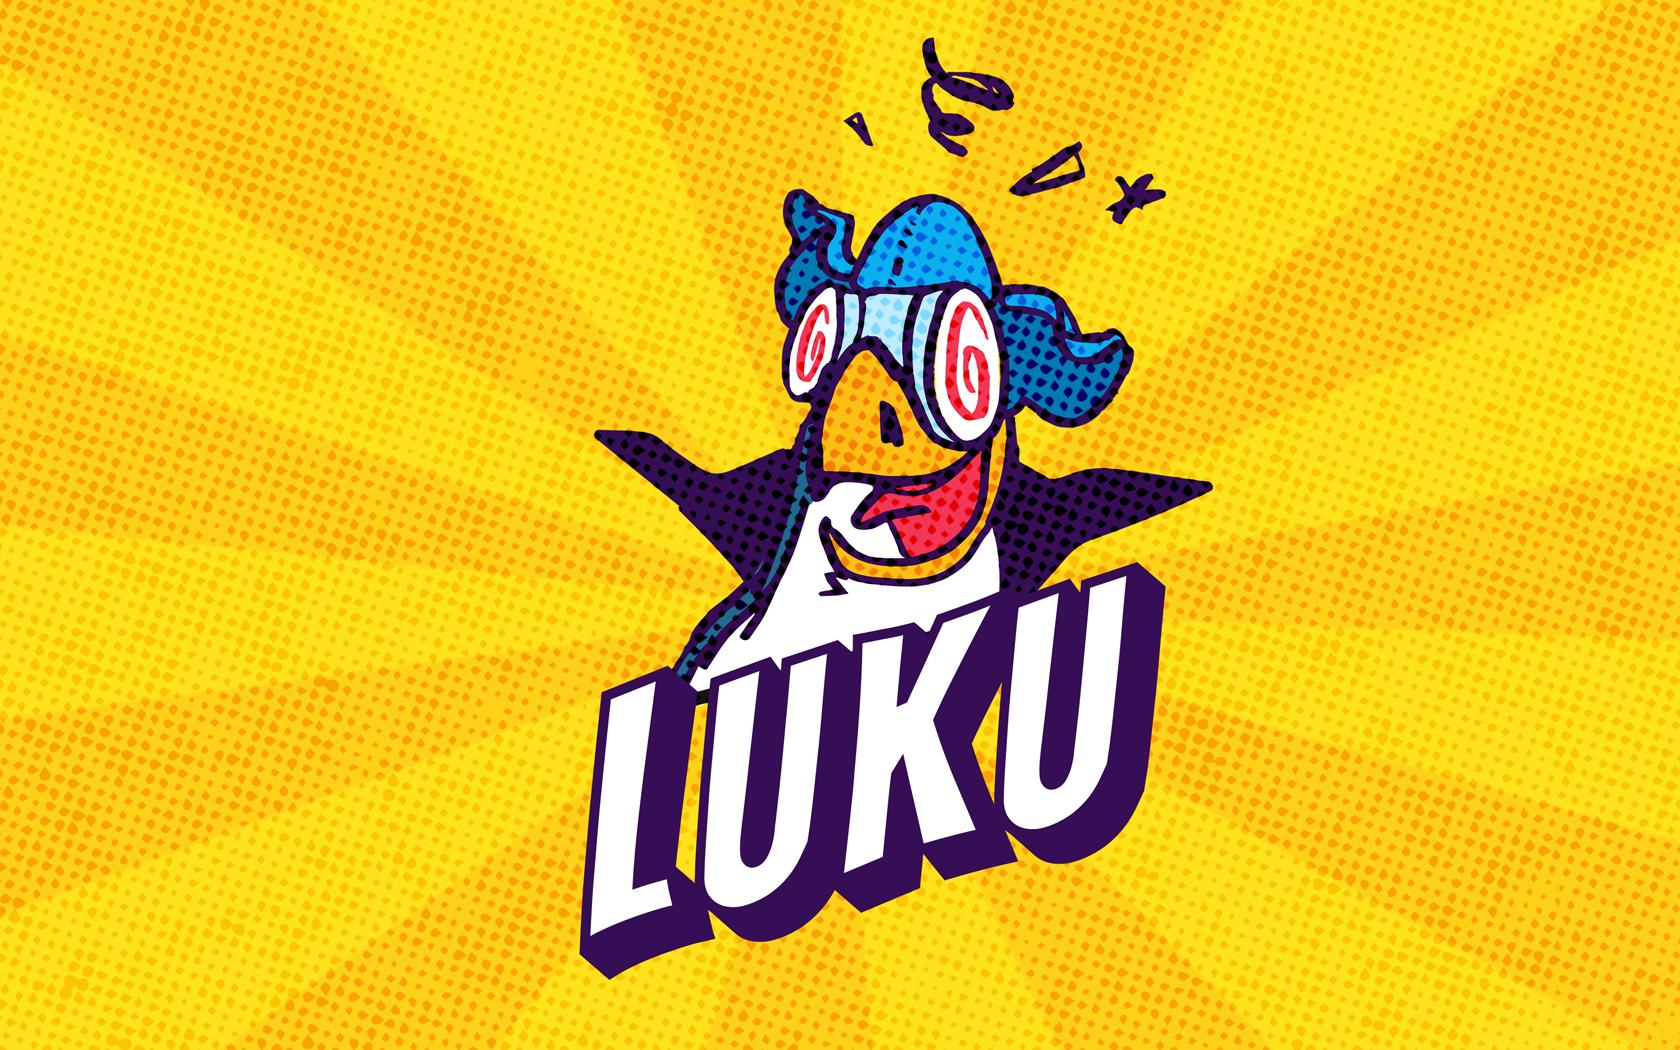 Luku - Animatie & Grafisch ontwerp